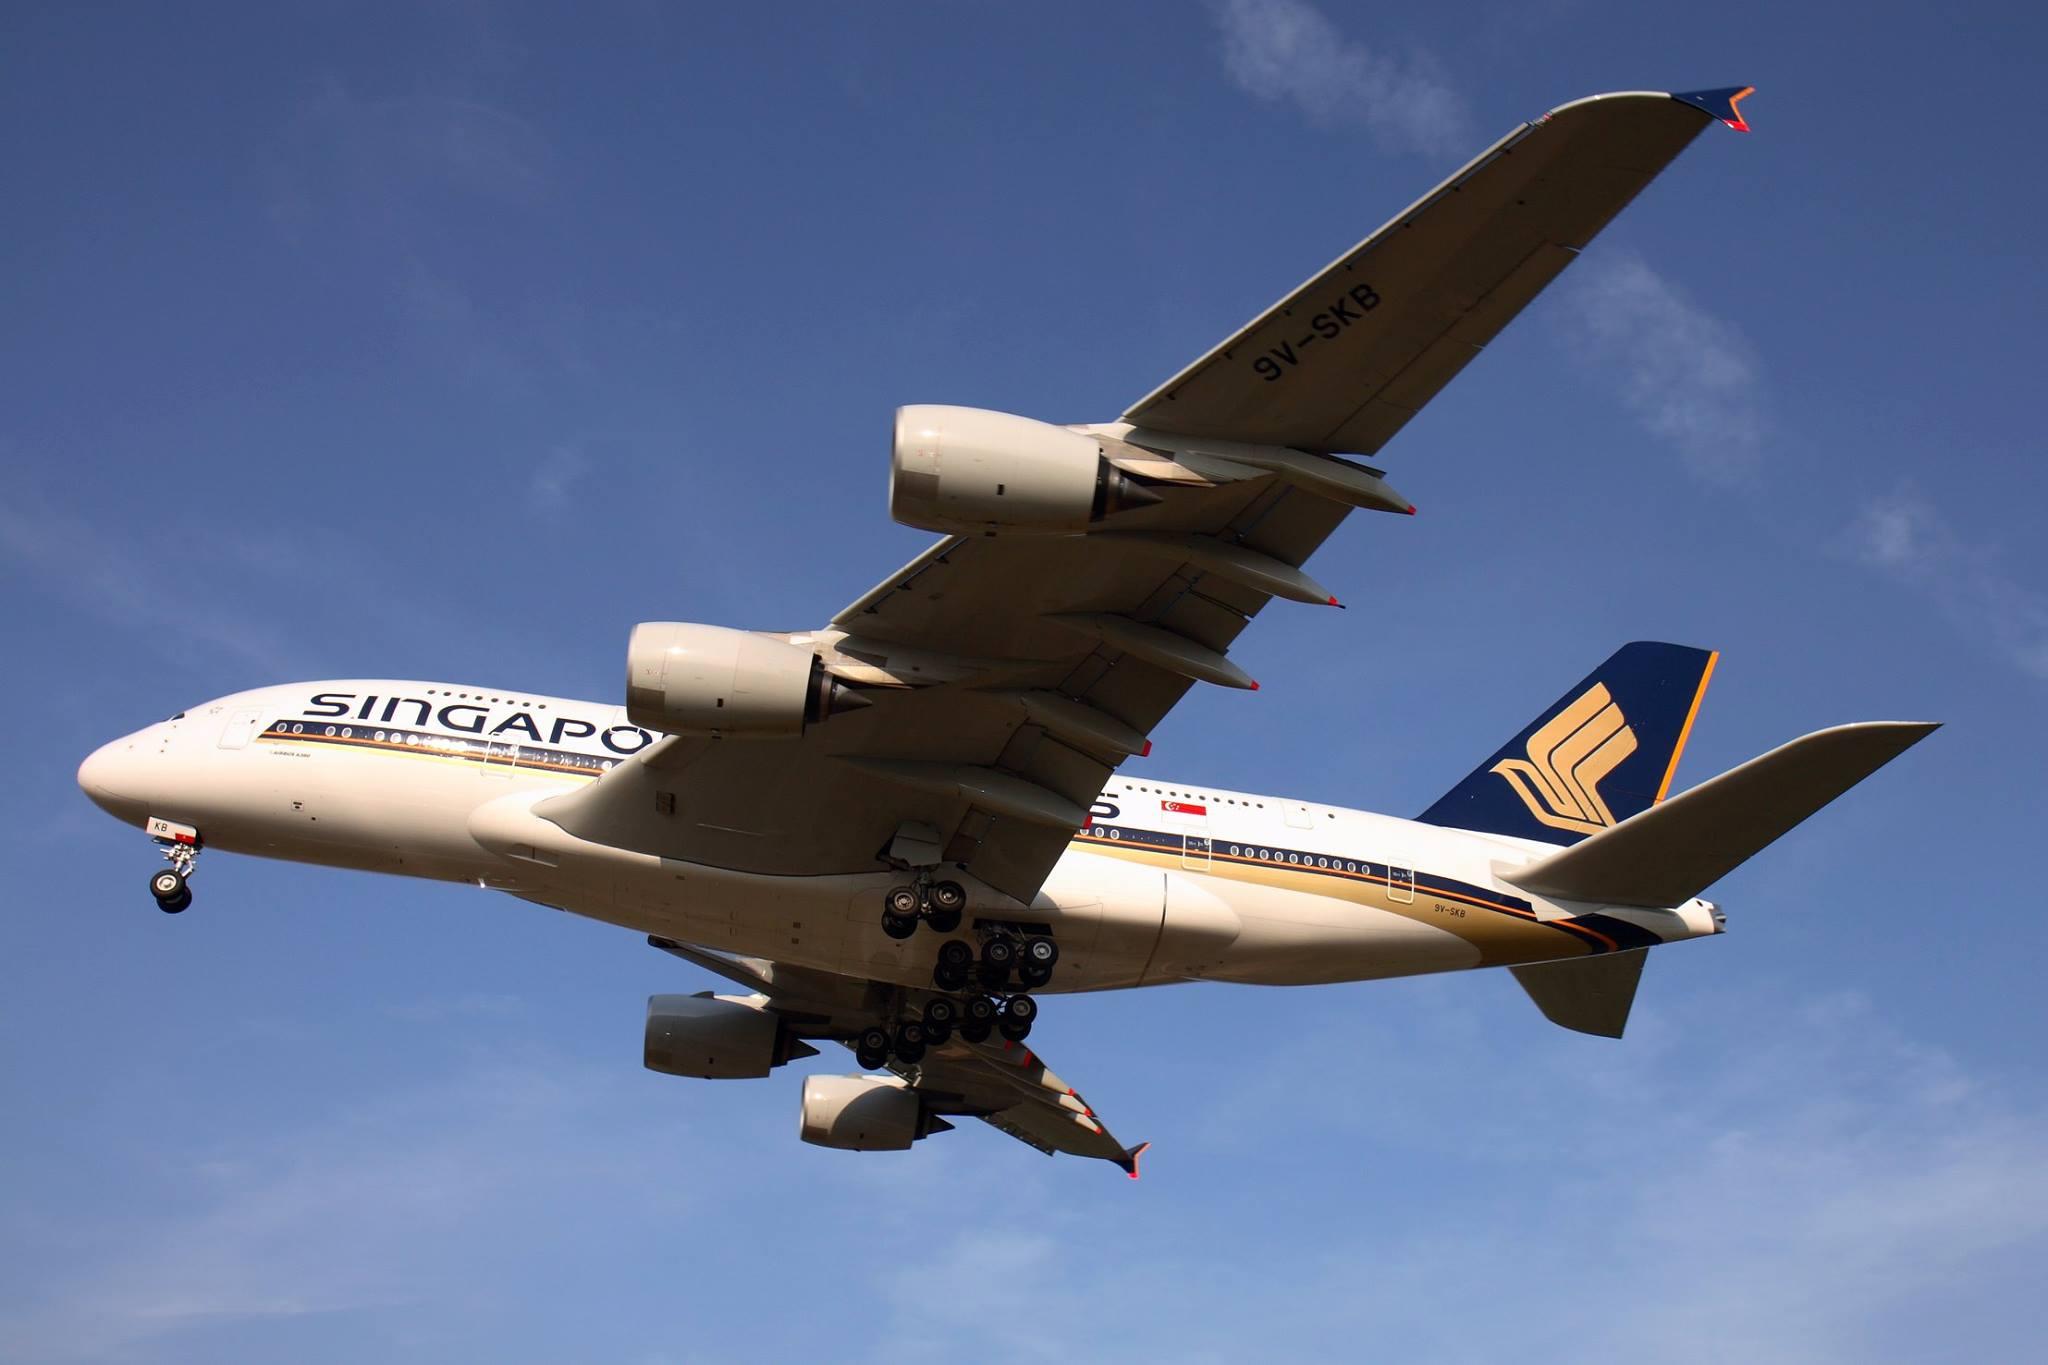 ภาพจาก Facebook Singapore Airlines